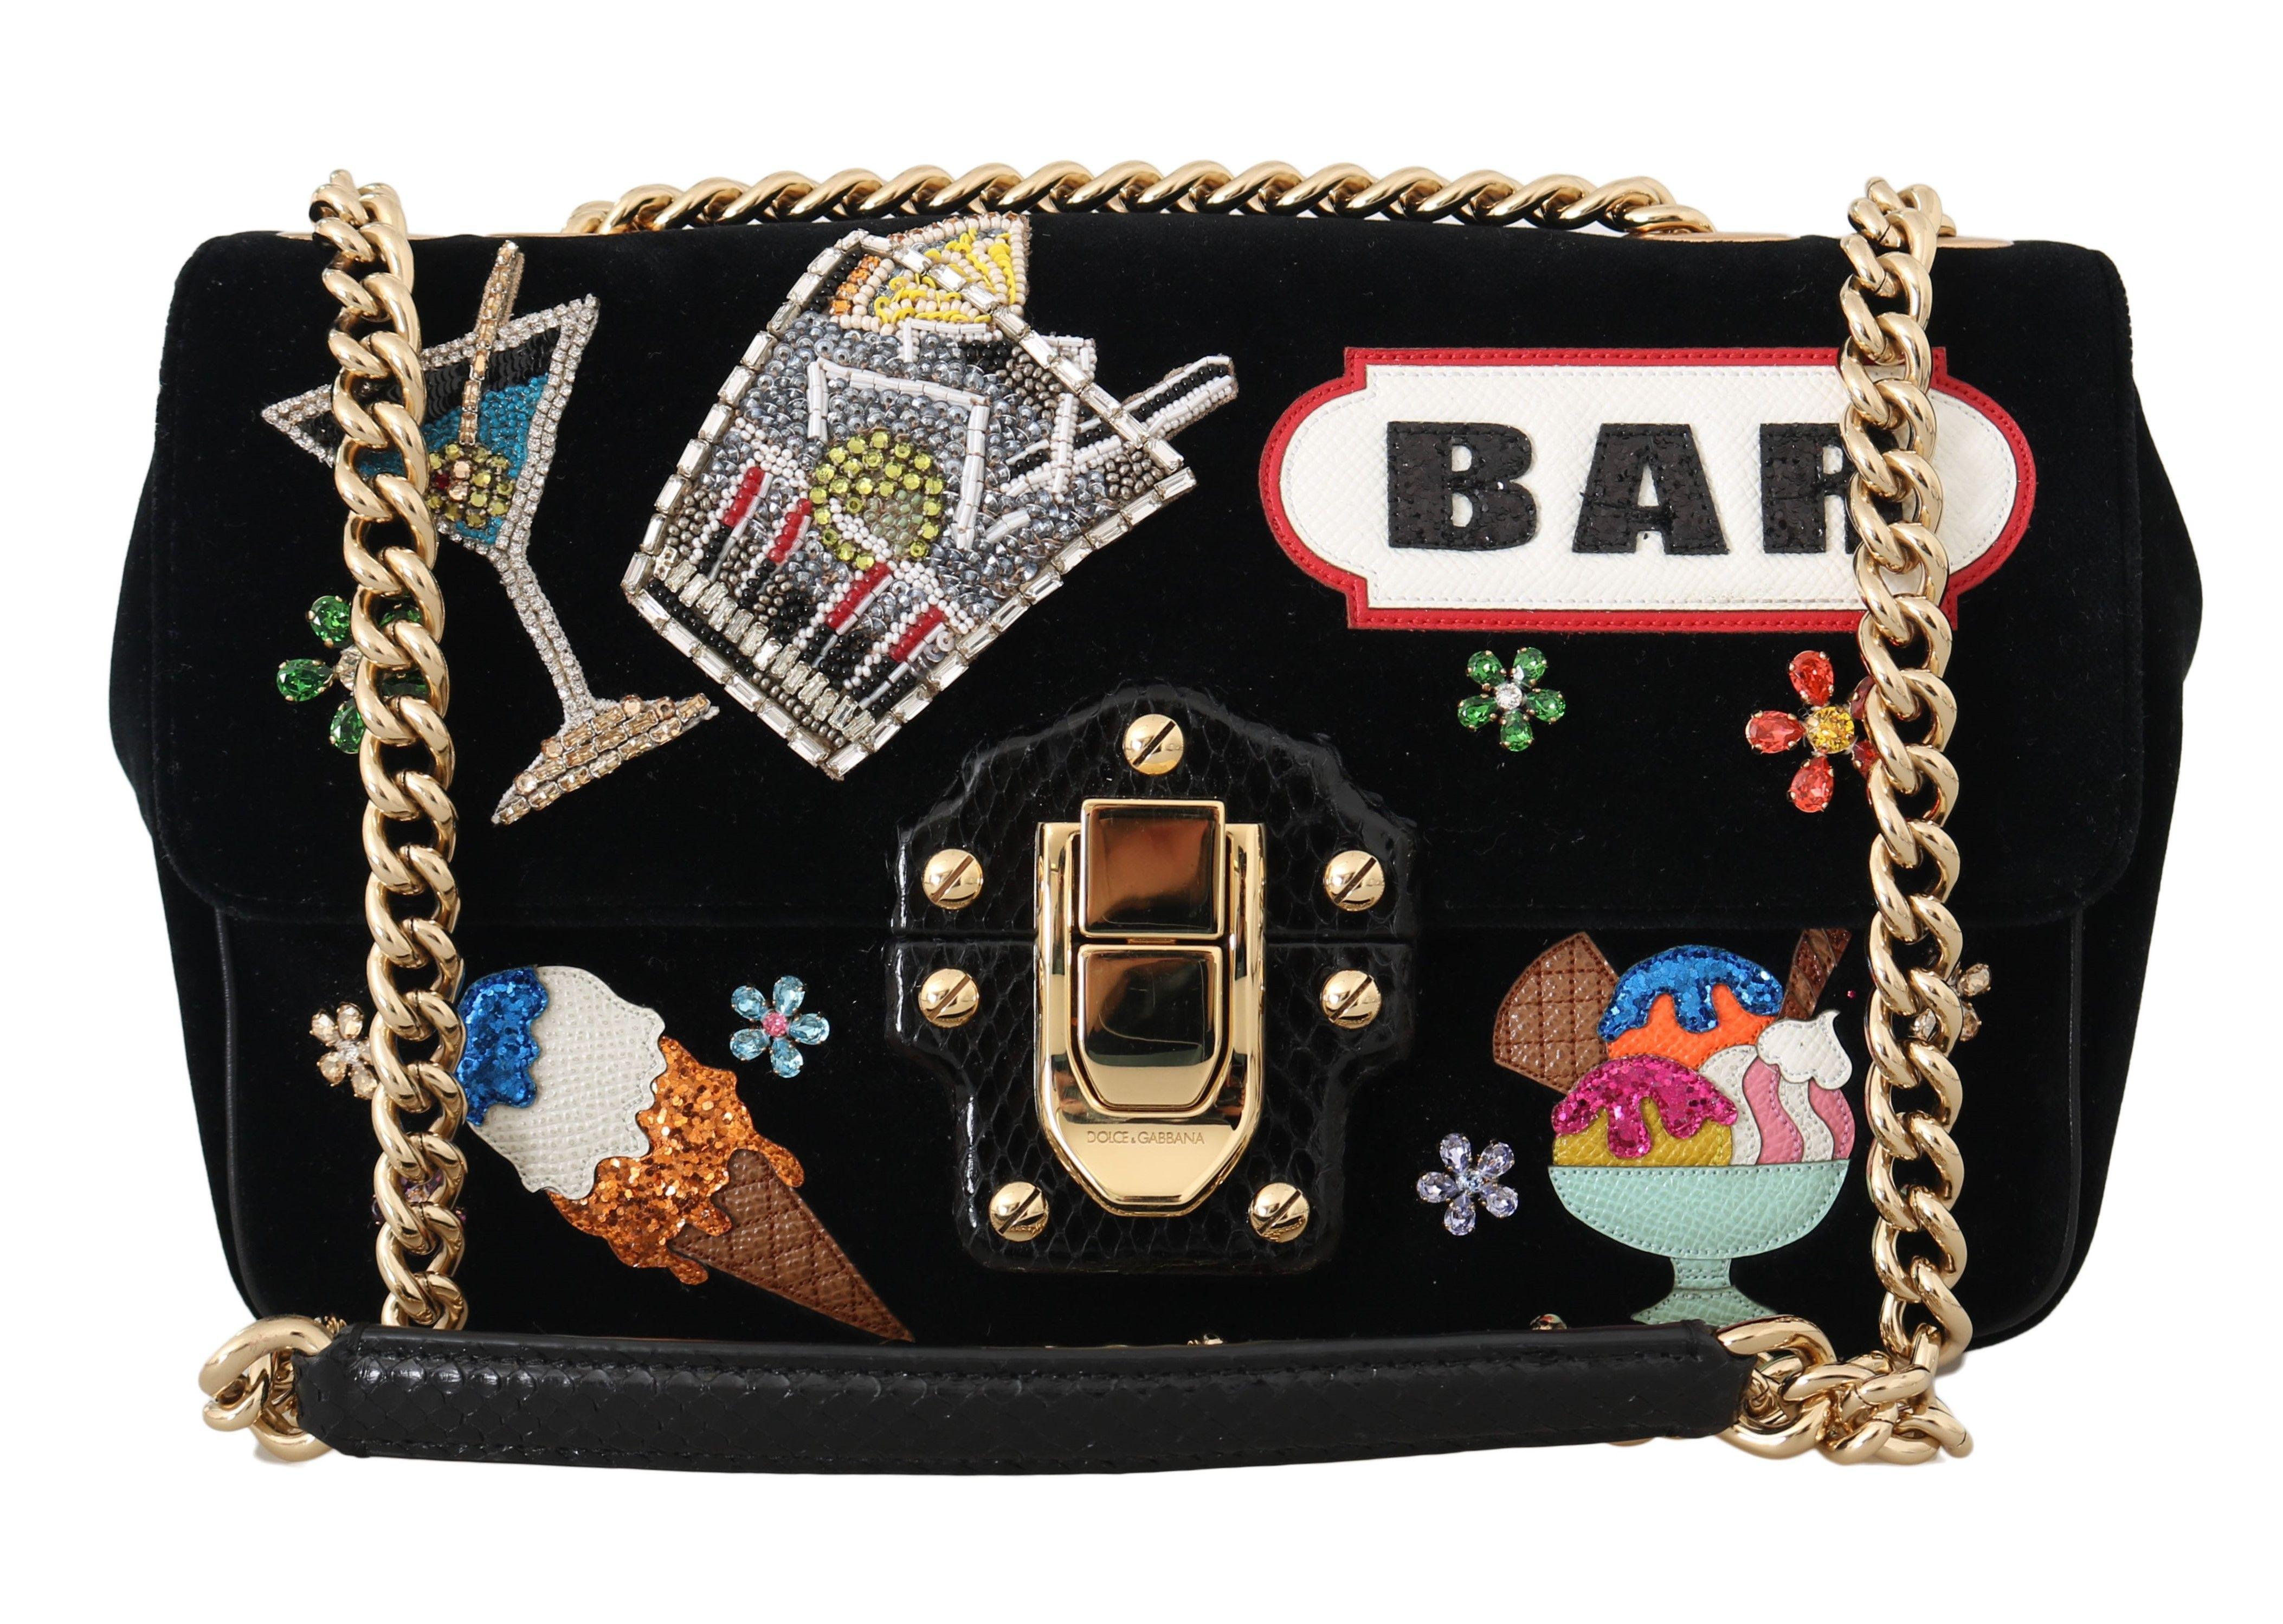 Dolce & Gabbana LUCIA Black Velvet Crystal BAR Shoulder Purse